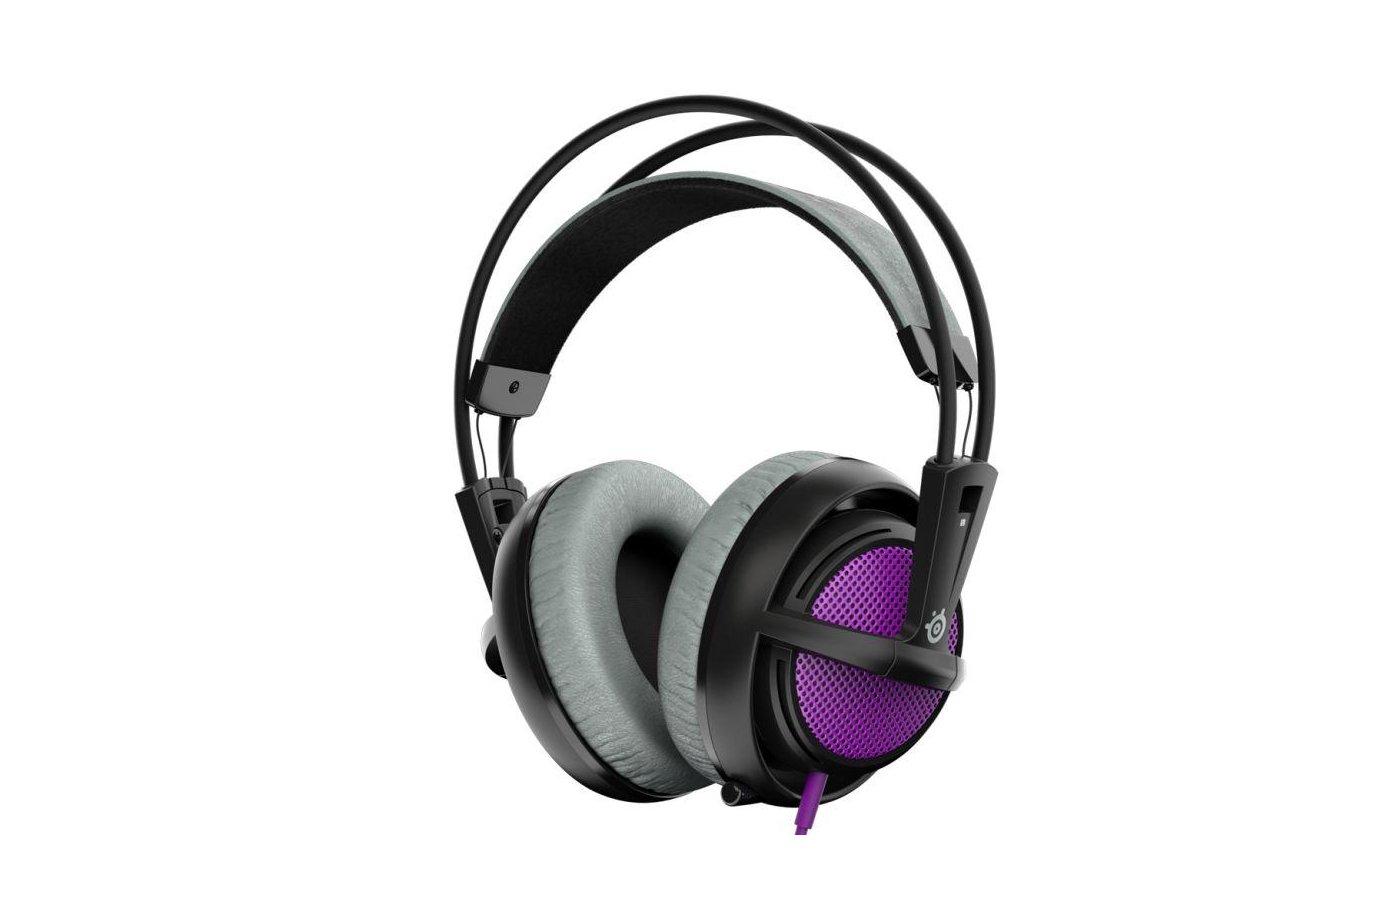 Игровые наушники проводные Steelseries Siberia 200 Sakura Purple пурпурный/черный (1.8м) мониторы (оголовье)